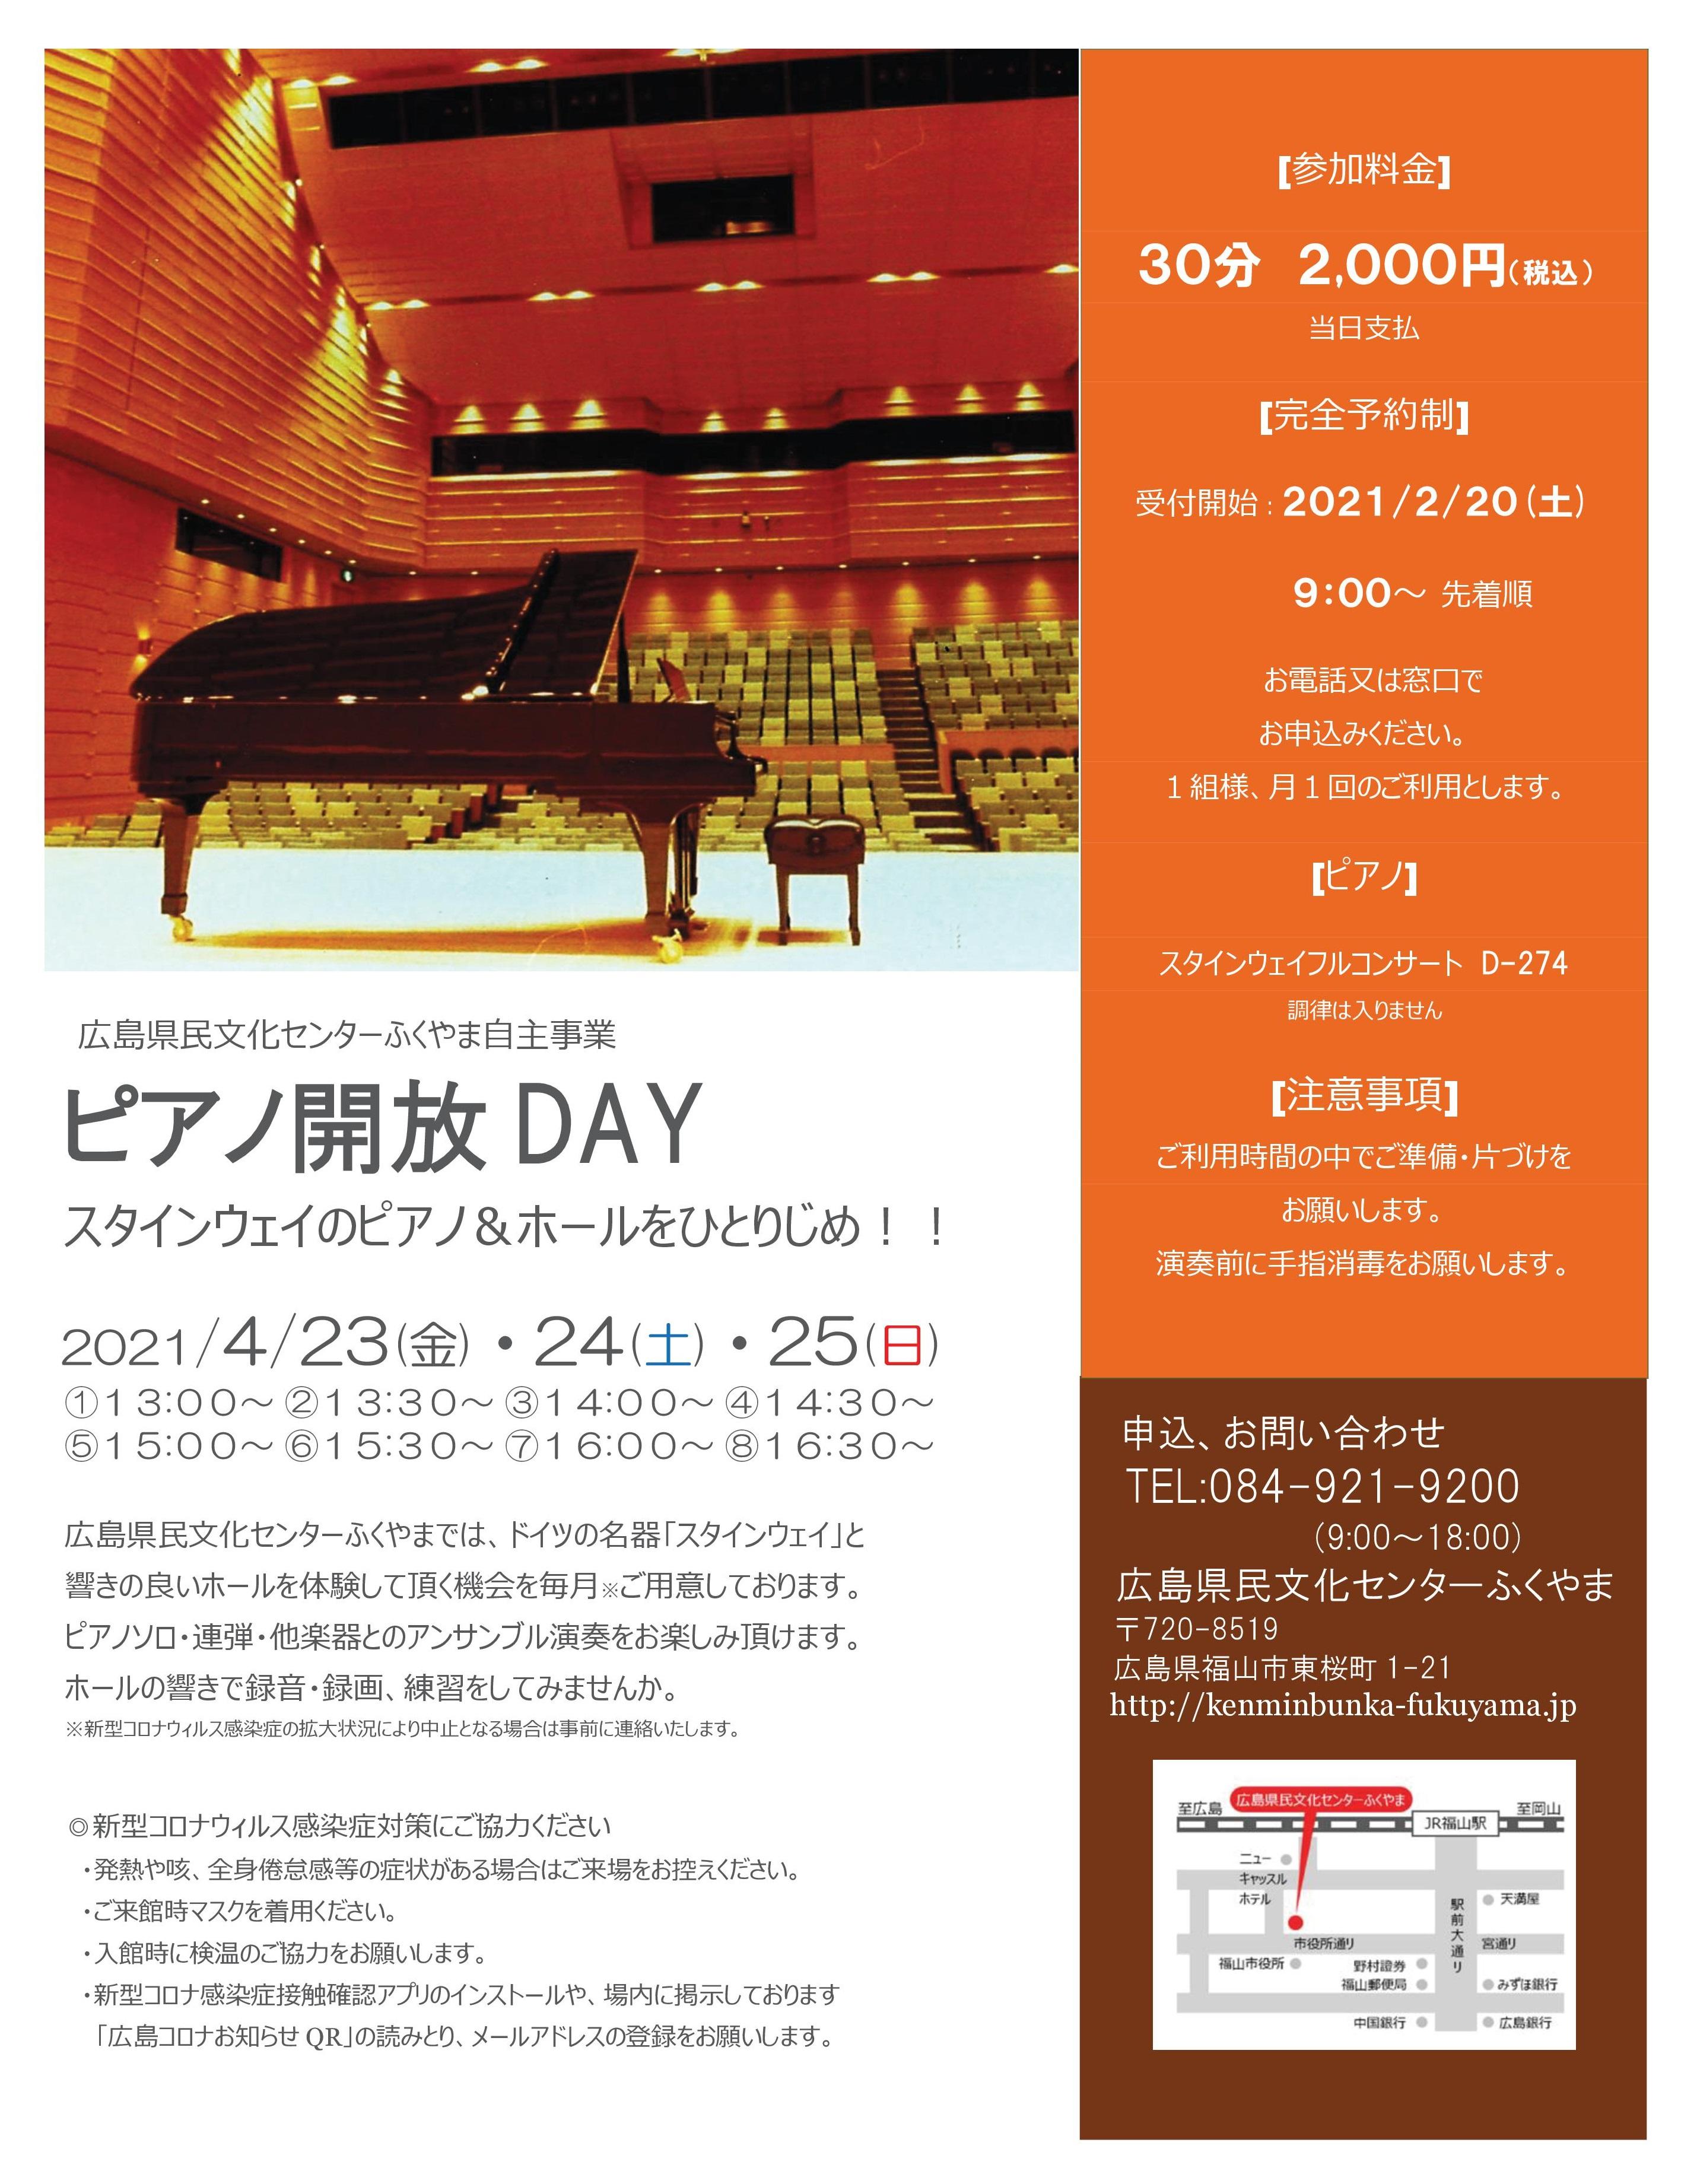 4.23-25ピアノ開放DAYチラシ(後援無)